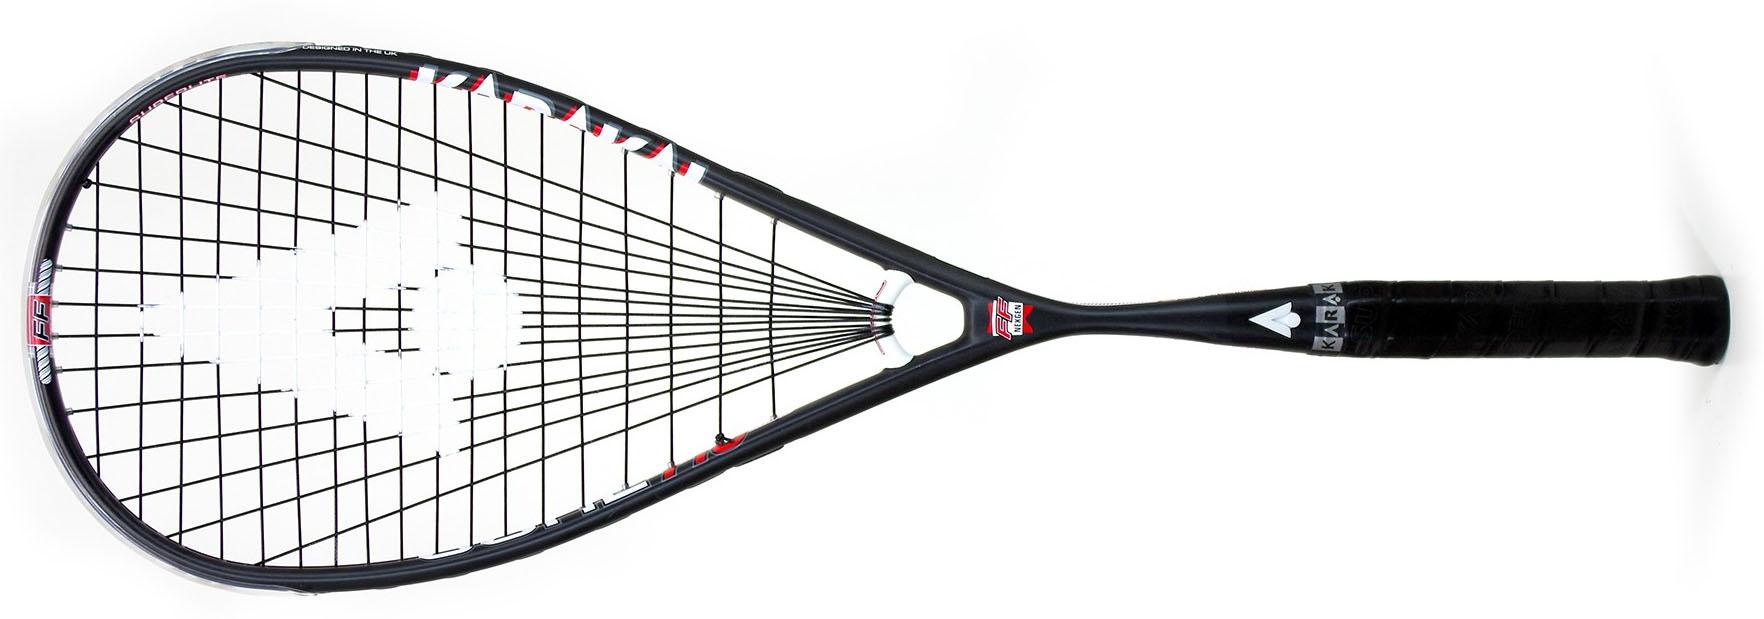 Cette raquette de squash Karakal CORE 110 a vraiment du poids en tête qui apporte une bonne puissance. Le poids light lui permet d'avoir une maniabilité et de pouvoir enchainer les frappes. De très bonnes sensations de frappes sont obtenues. Ceux qui souhaitent du haut de gamme très léger se dirigeront vers la série S, mais les autres ne souhaitant pas être obligés d'accélérer le bras tout le temps choisiront cette raquette Karakal CORE 110.